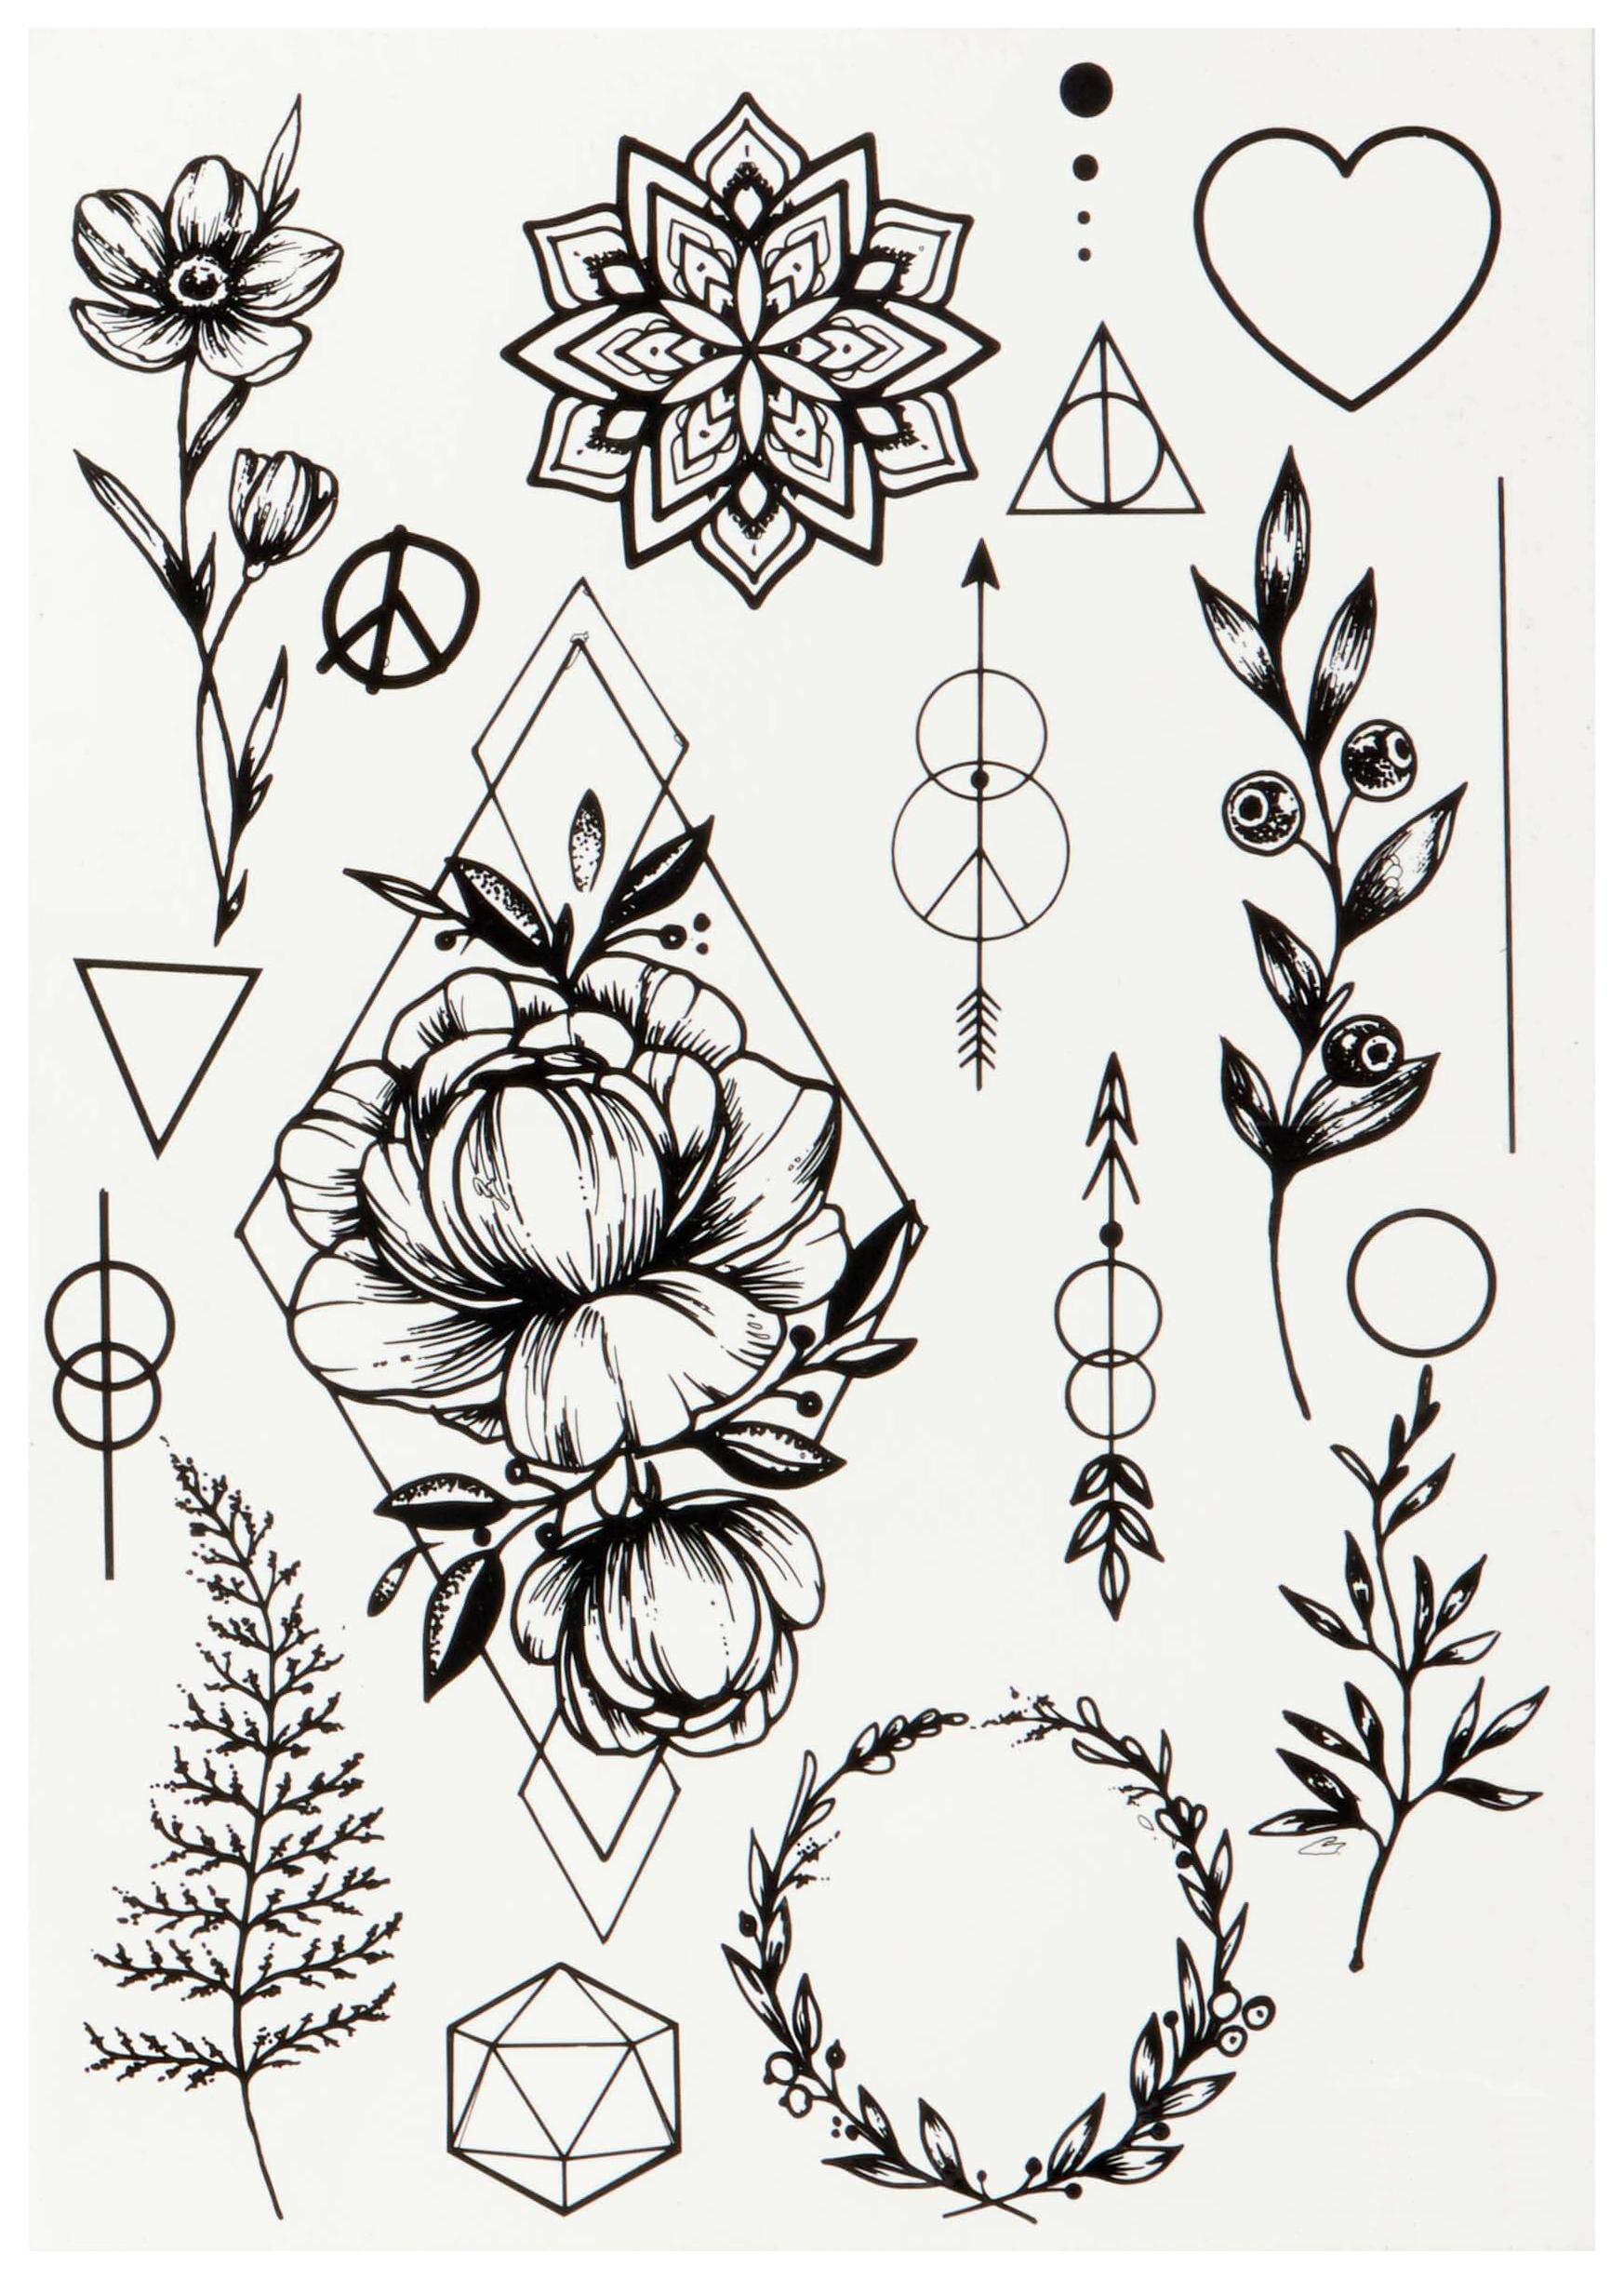 столицы картинки переводных татуировок кортике бронзовой